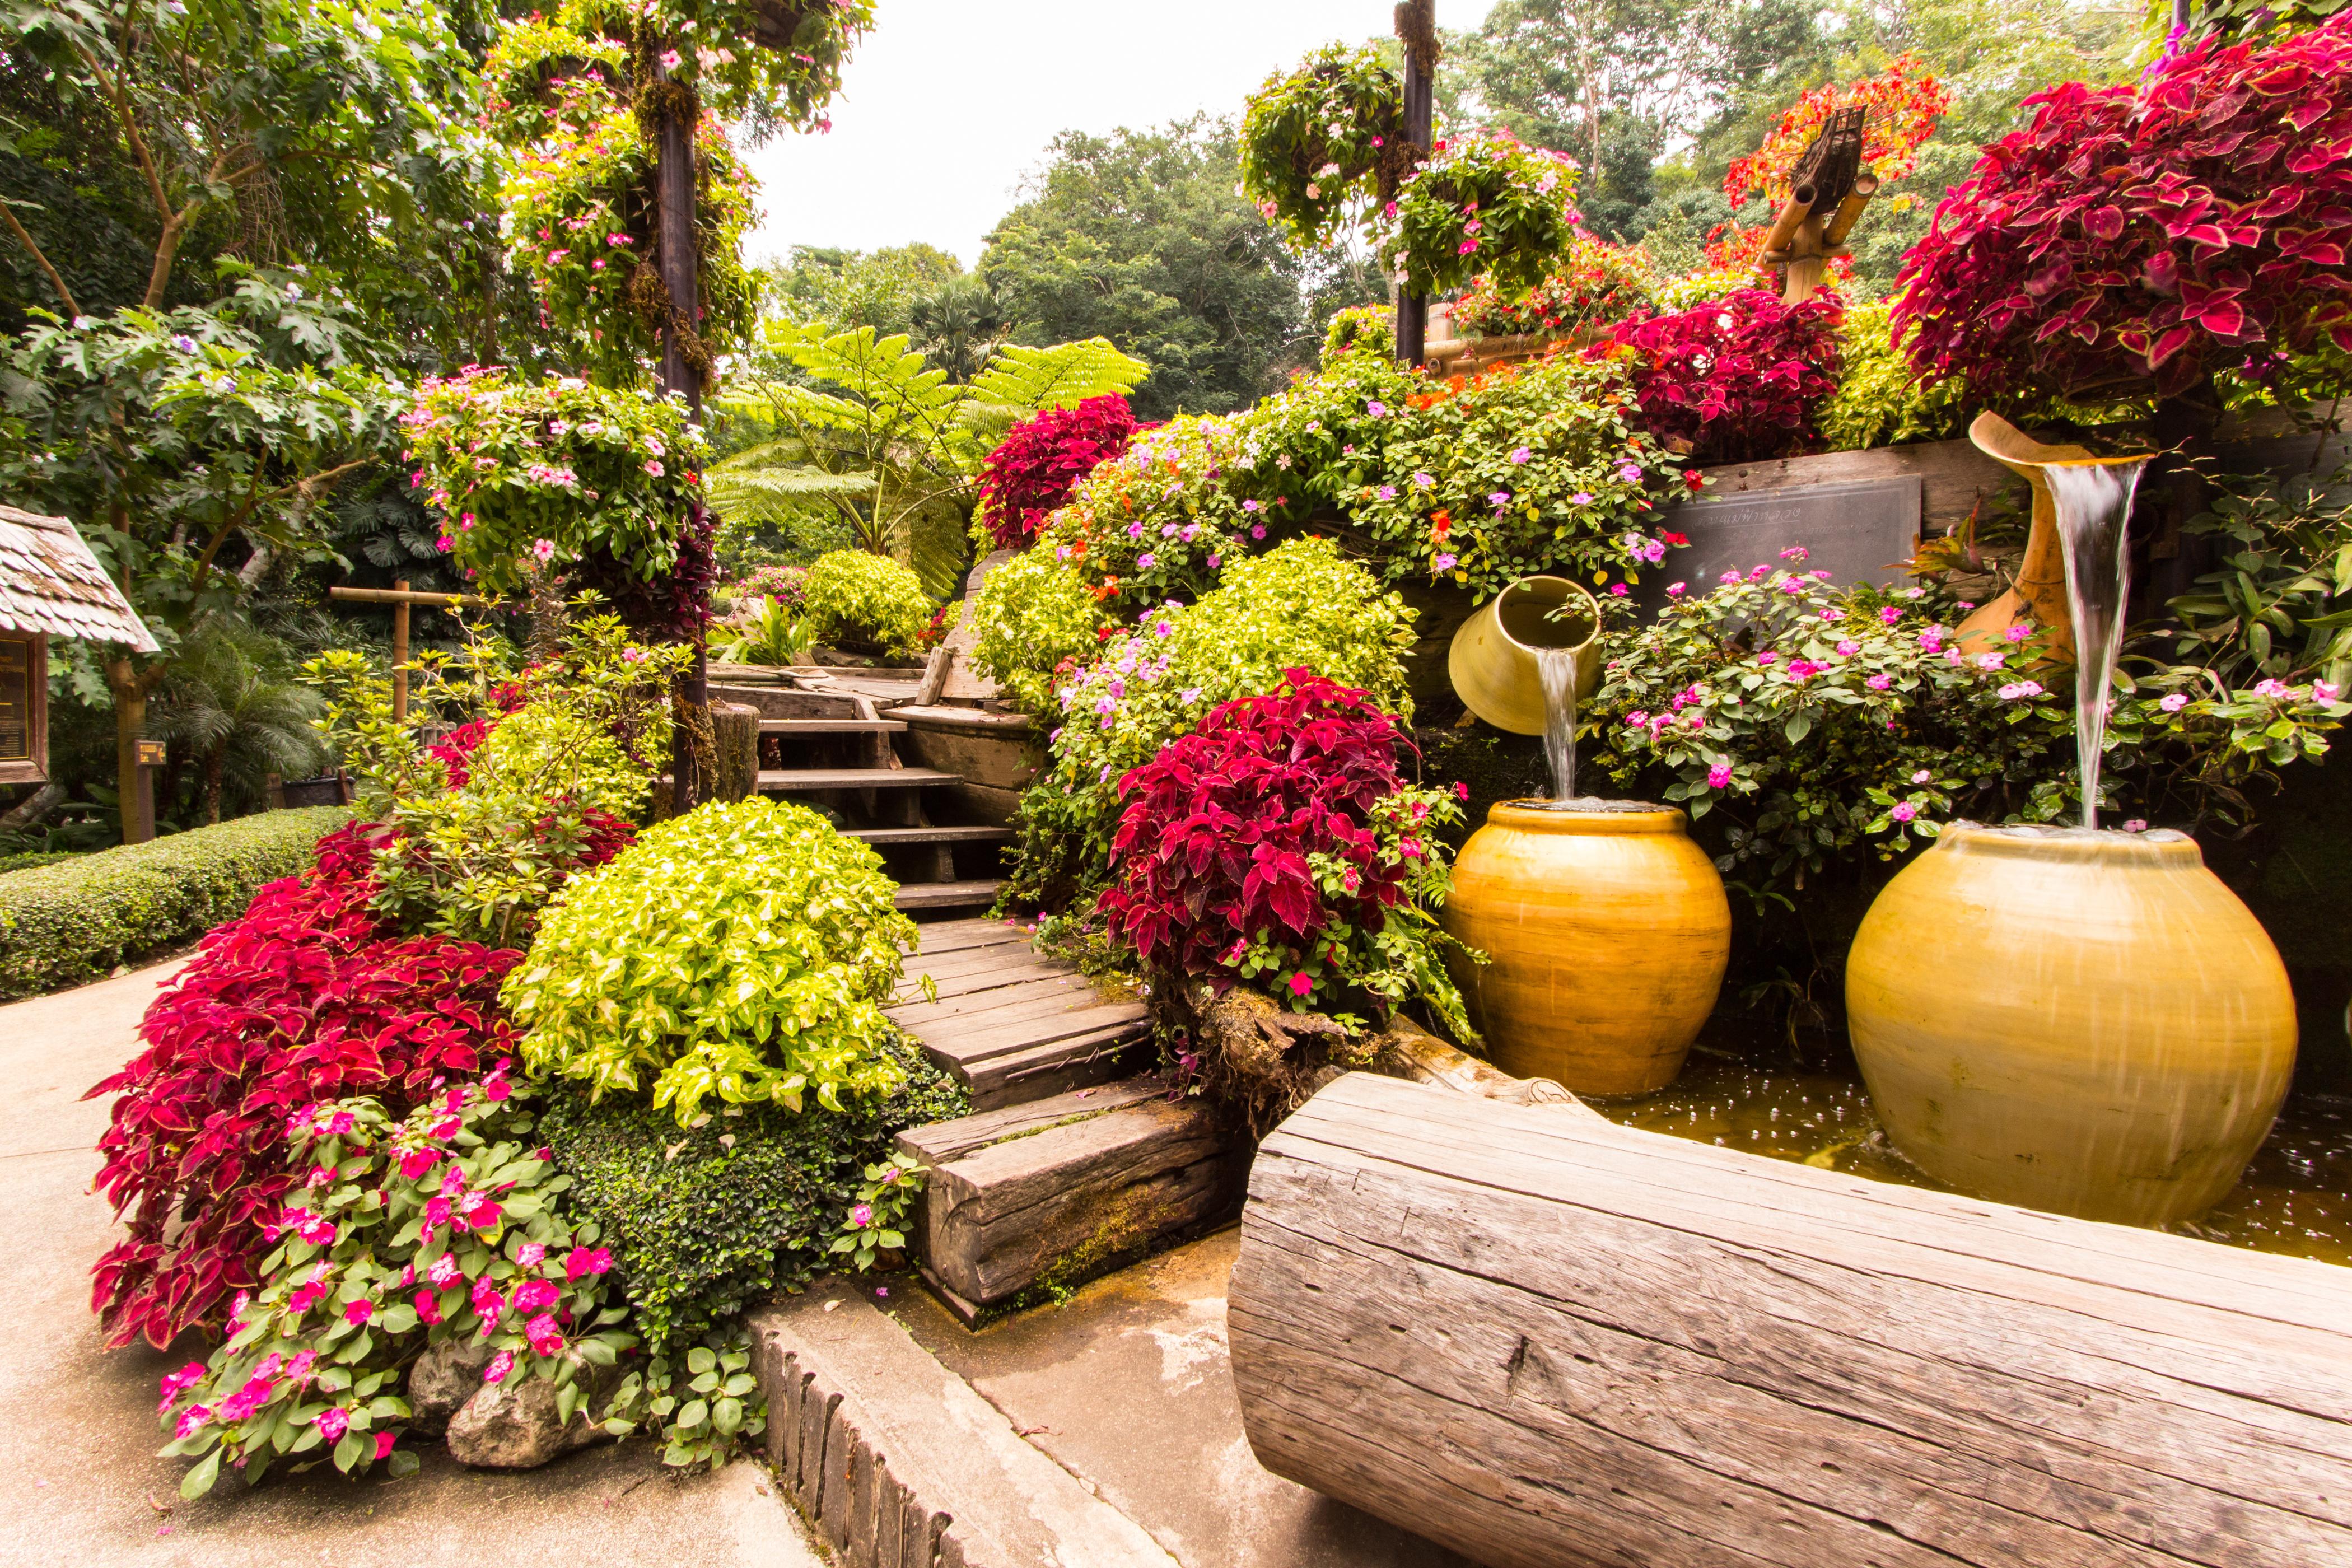 Les arrangements floraux idéales pour l'été 1